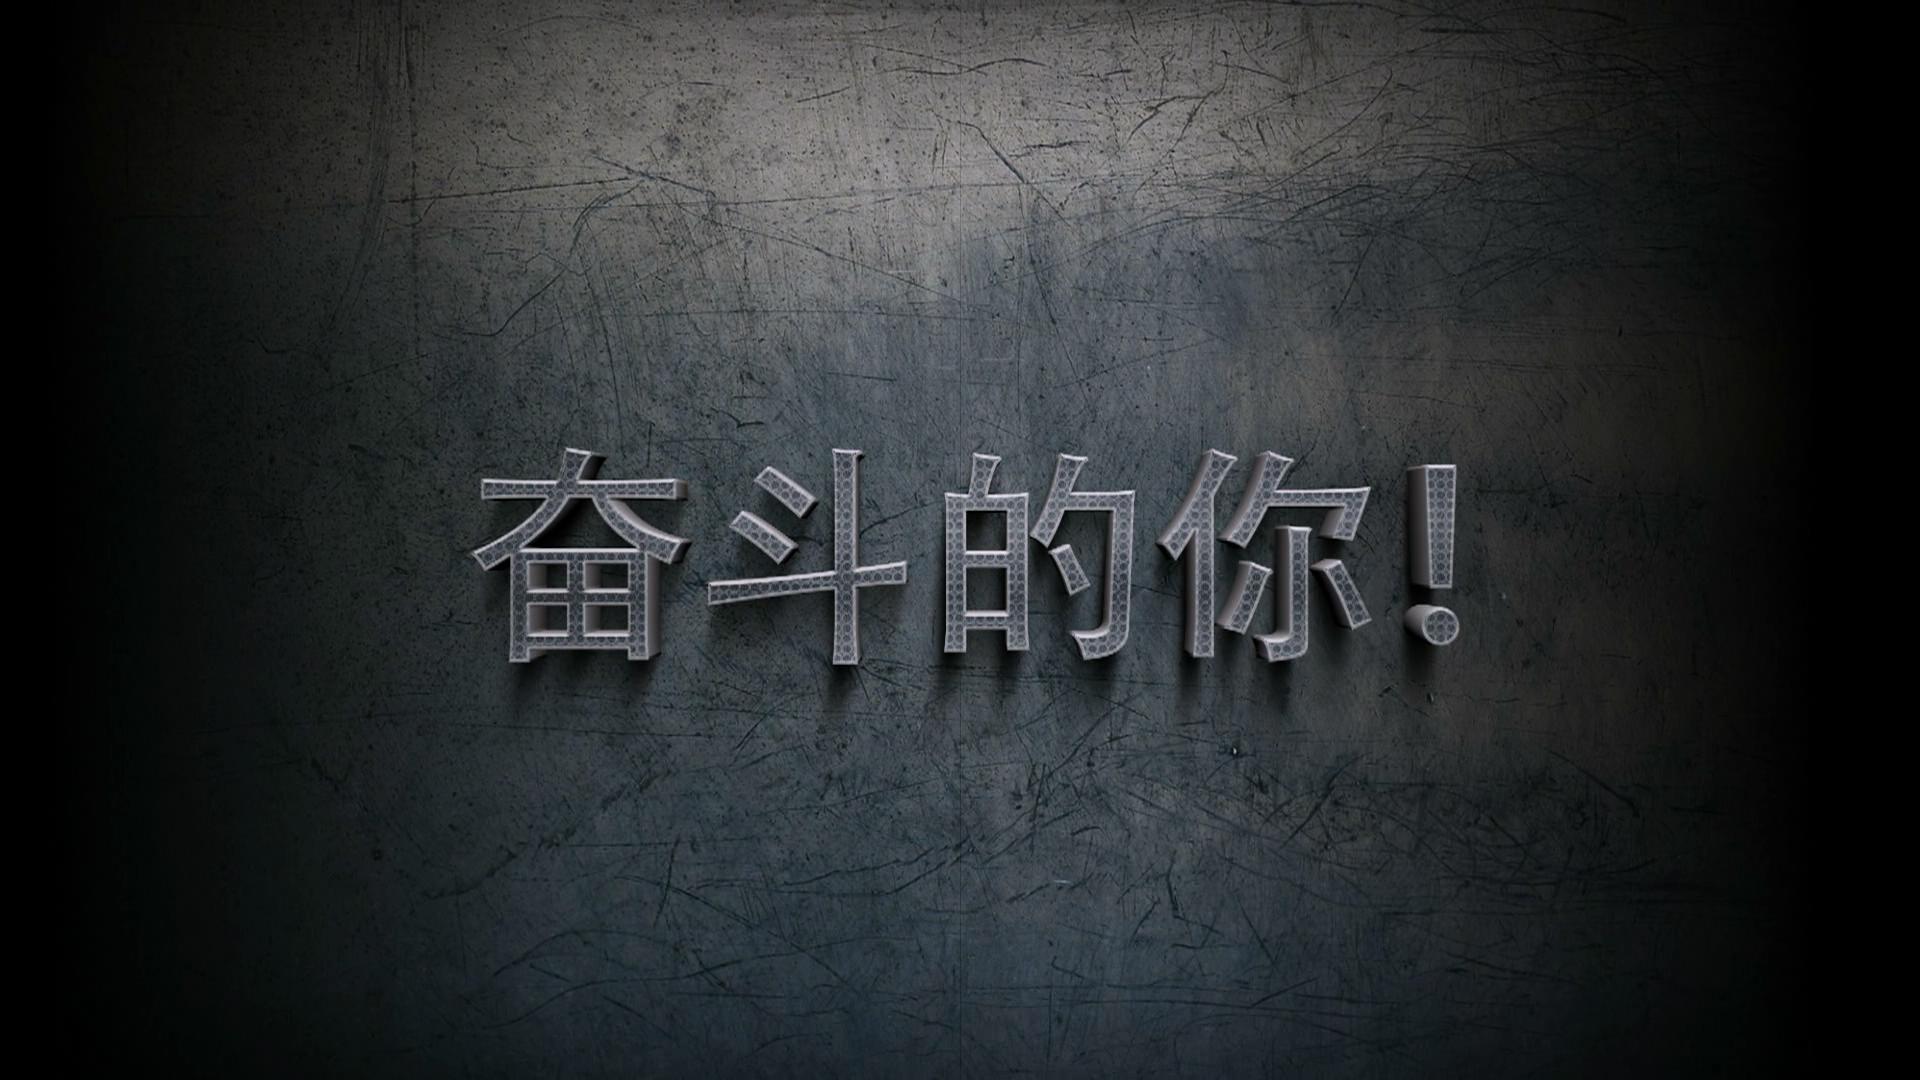 2020考研英语词汇思维导图笔记(恋练有词/恋恋有词8-13单元)